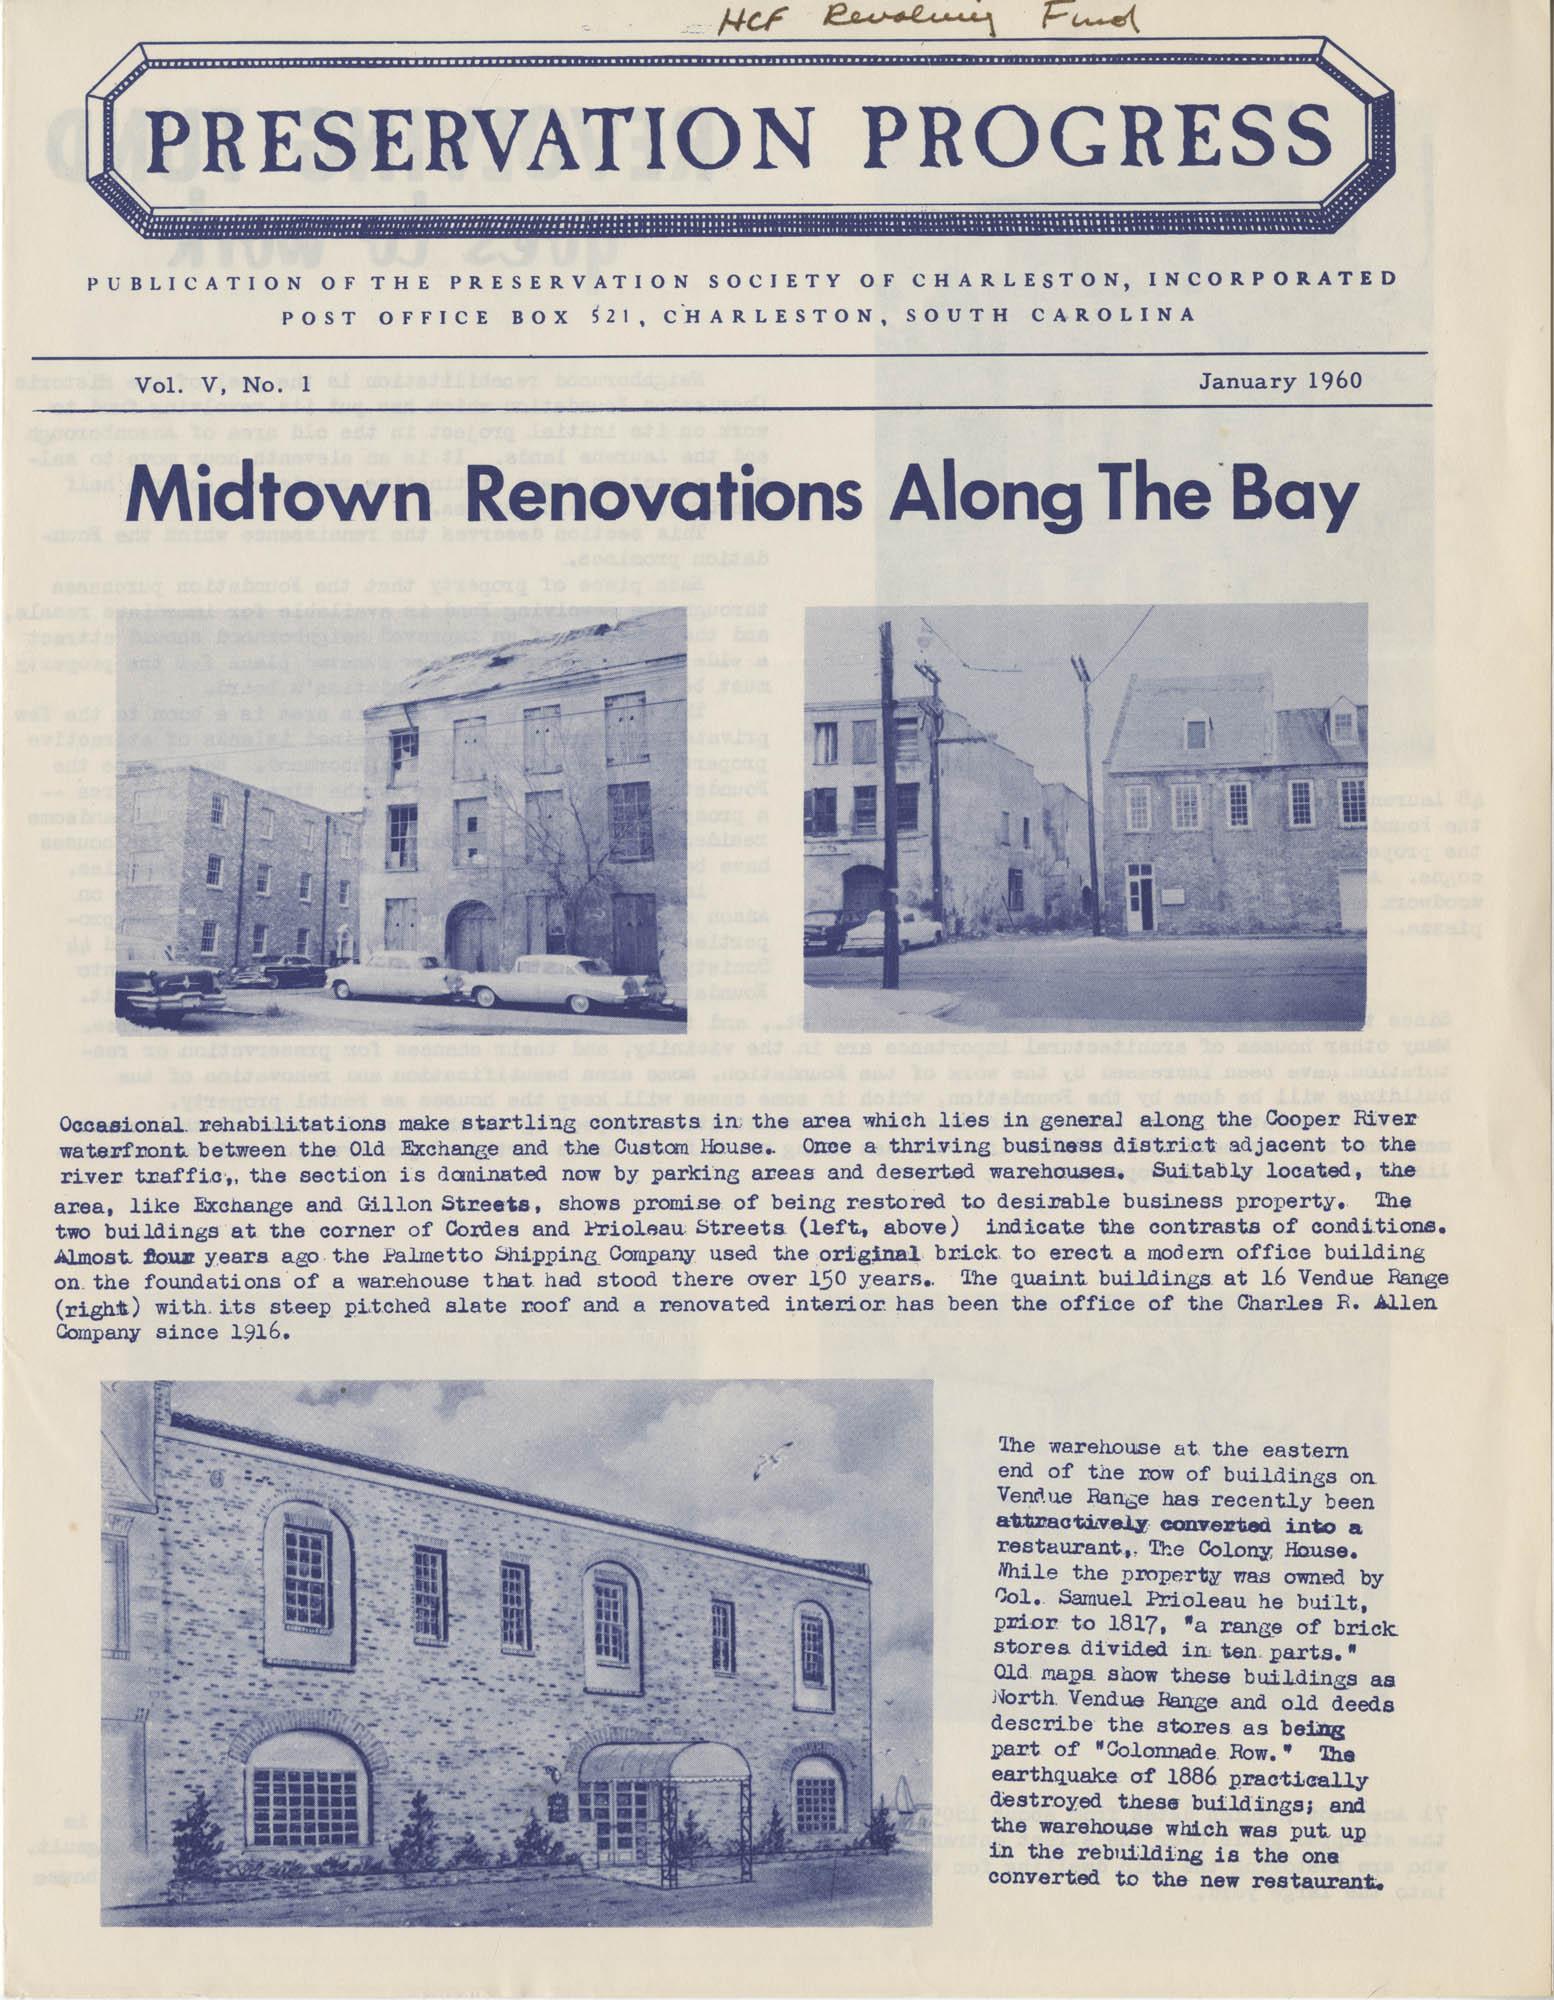 Preservation Progress, Vol. V, No. 1, Cover